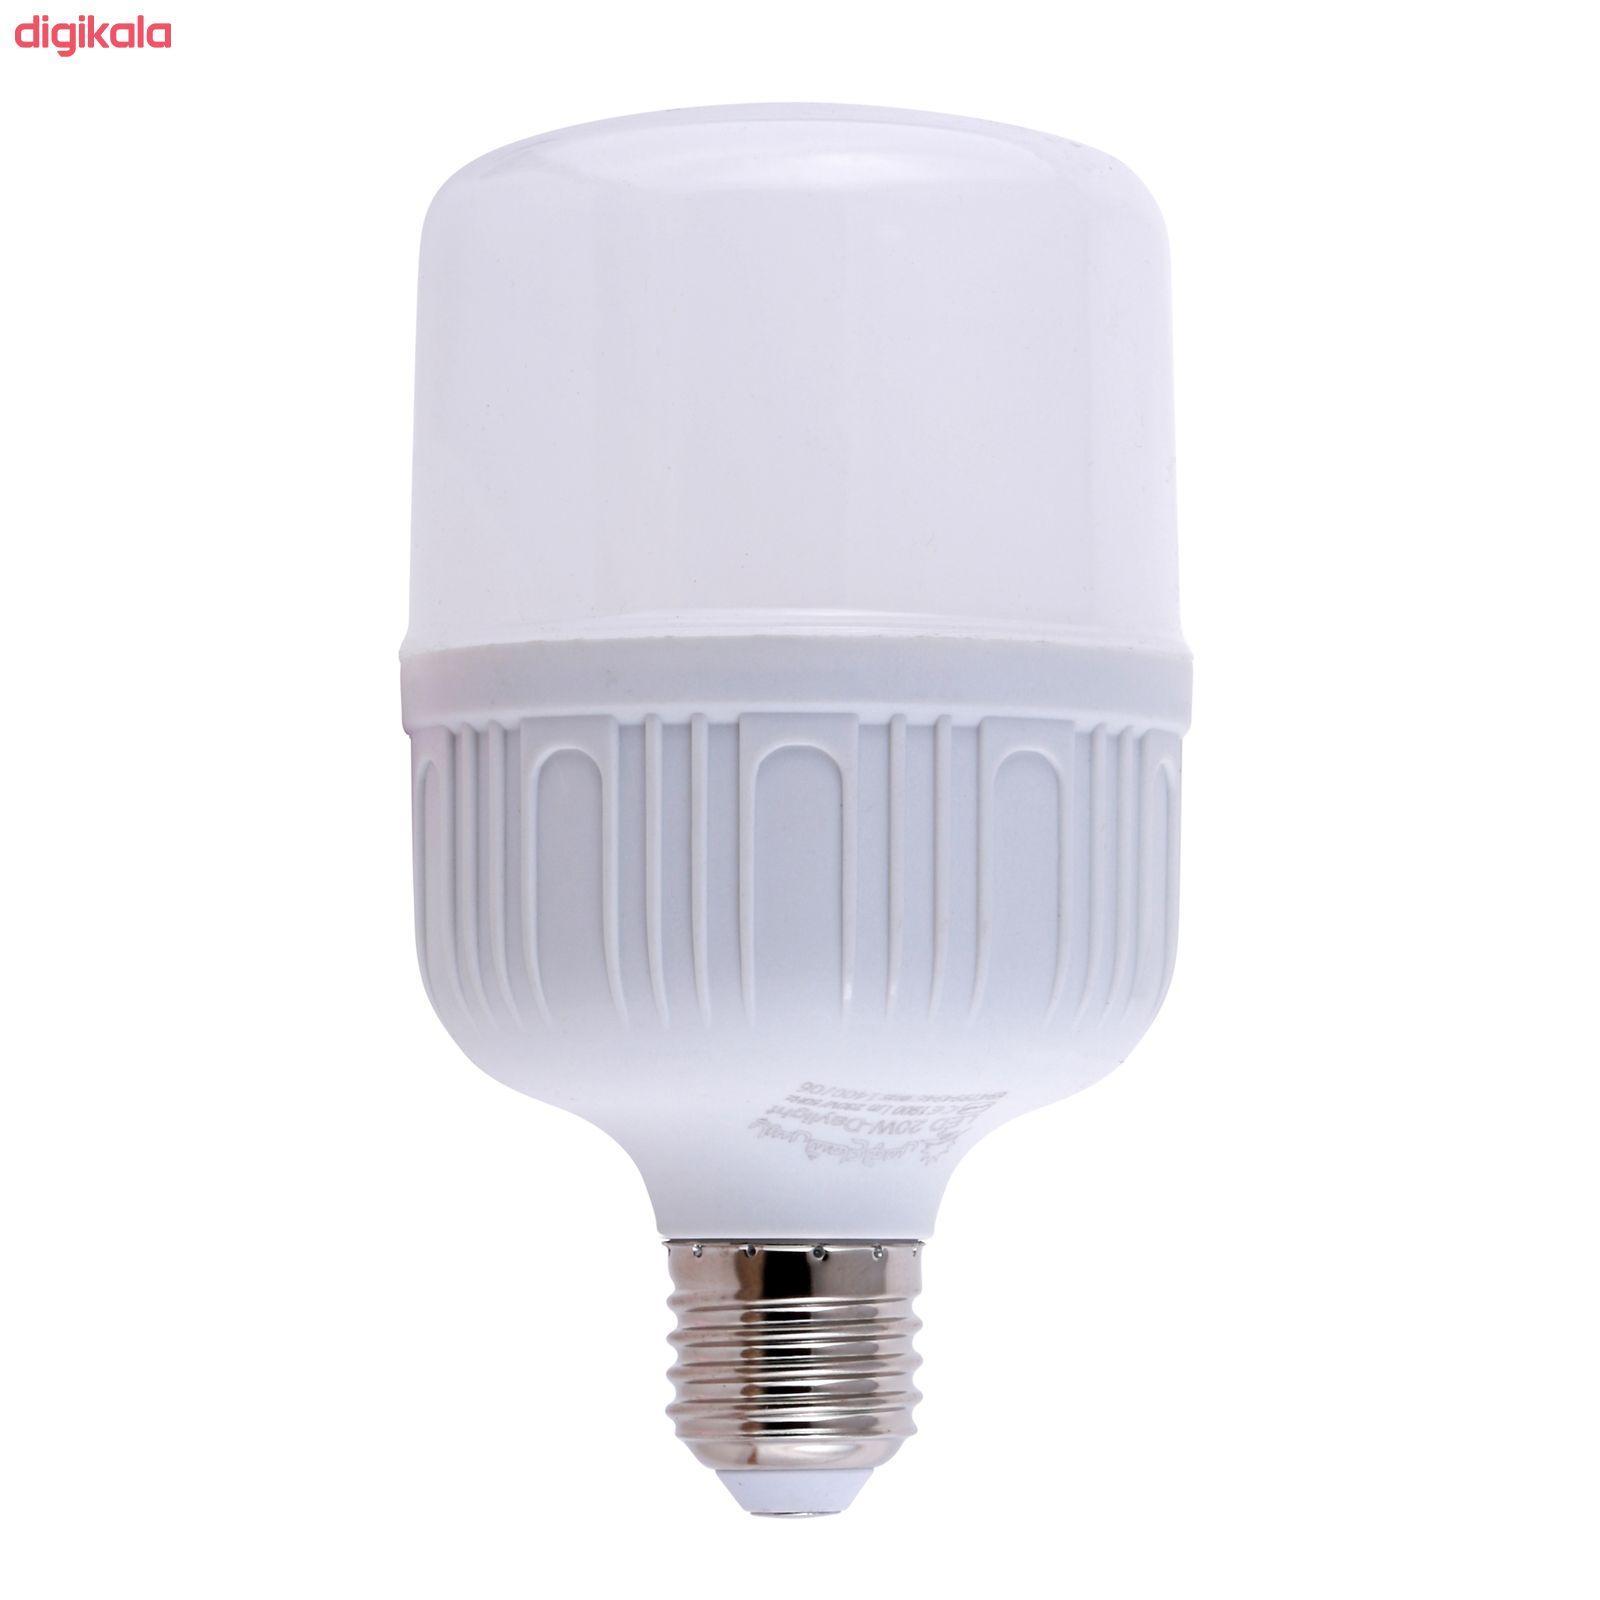 لامپ ال ای دی 20 وات پارس شعاع توس مدل CY20 پایه E27 main 1 2